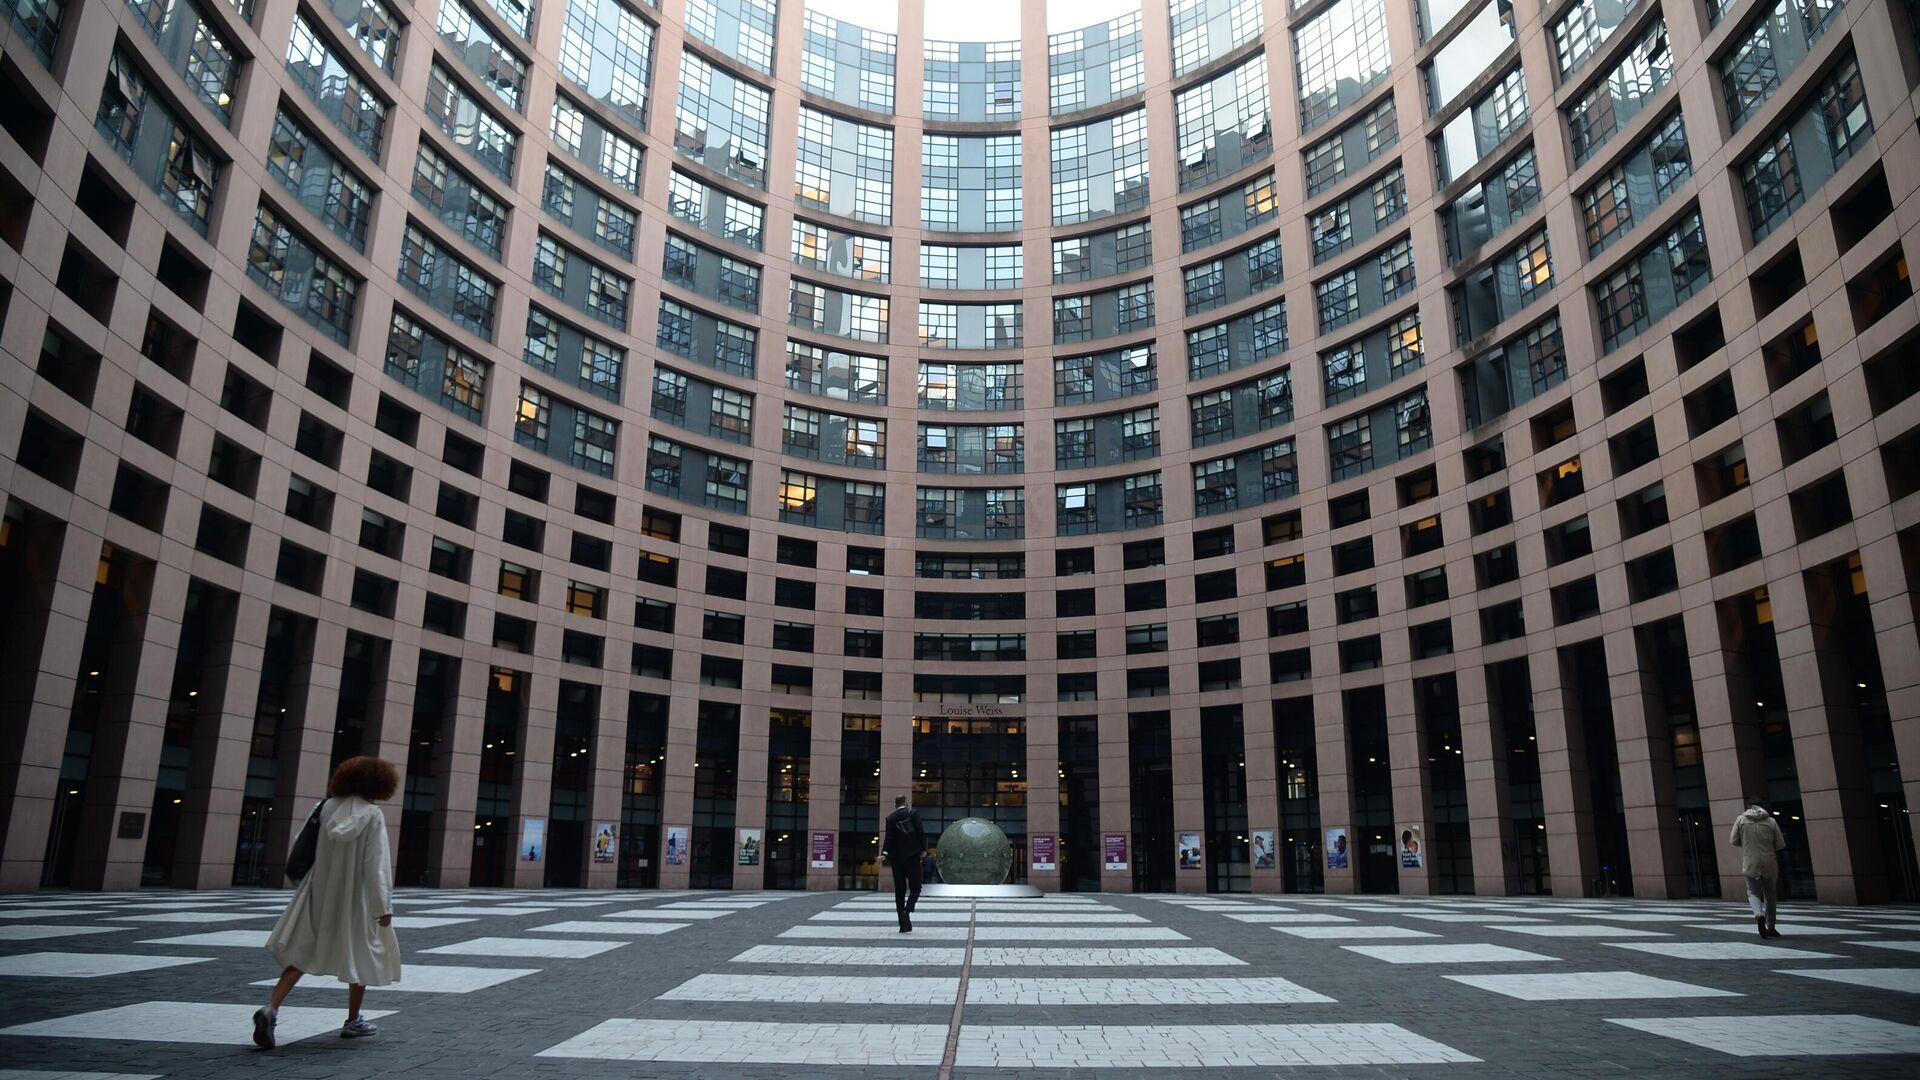 Здание Европейского парламента в Страсбурге - РИА Новости, 1920, 16.09.2021